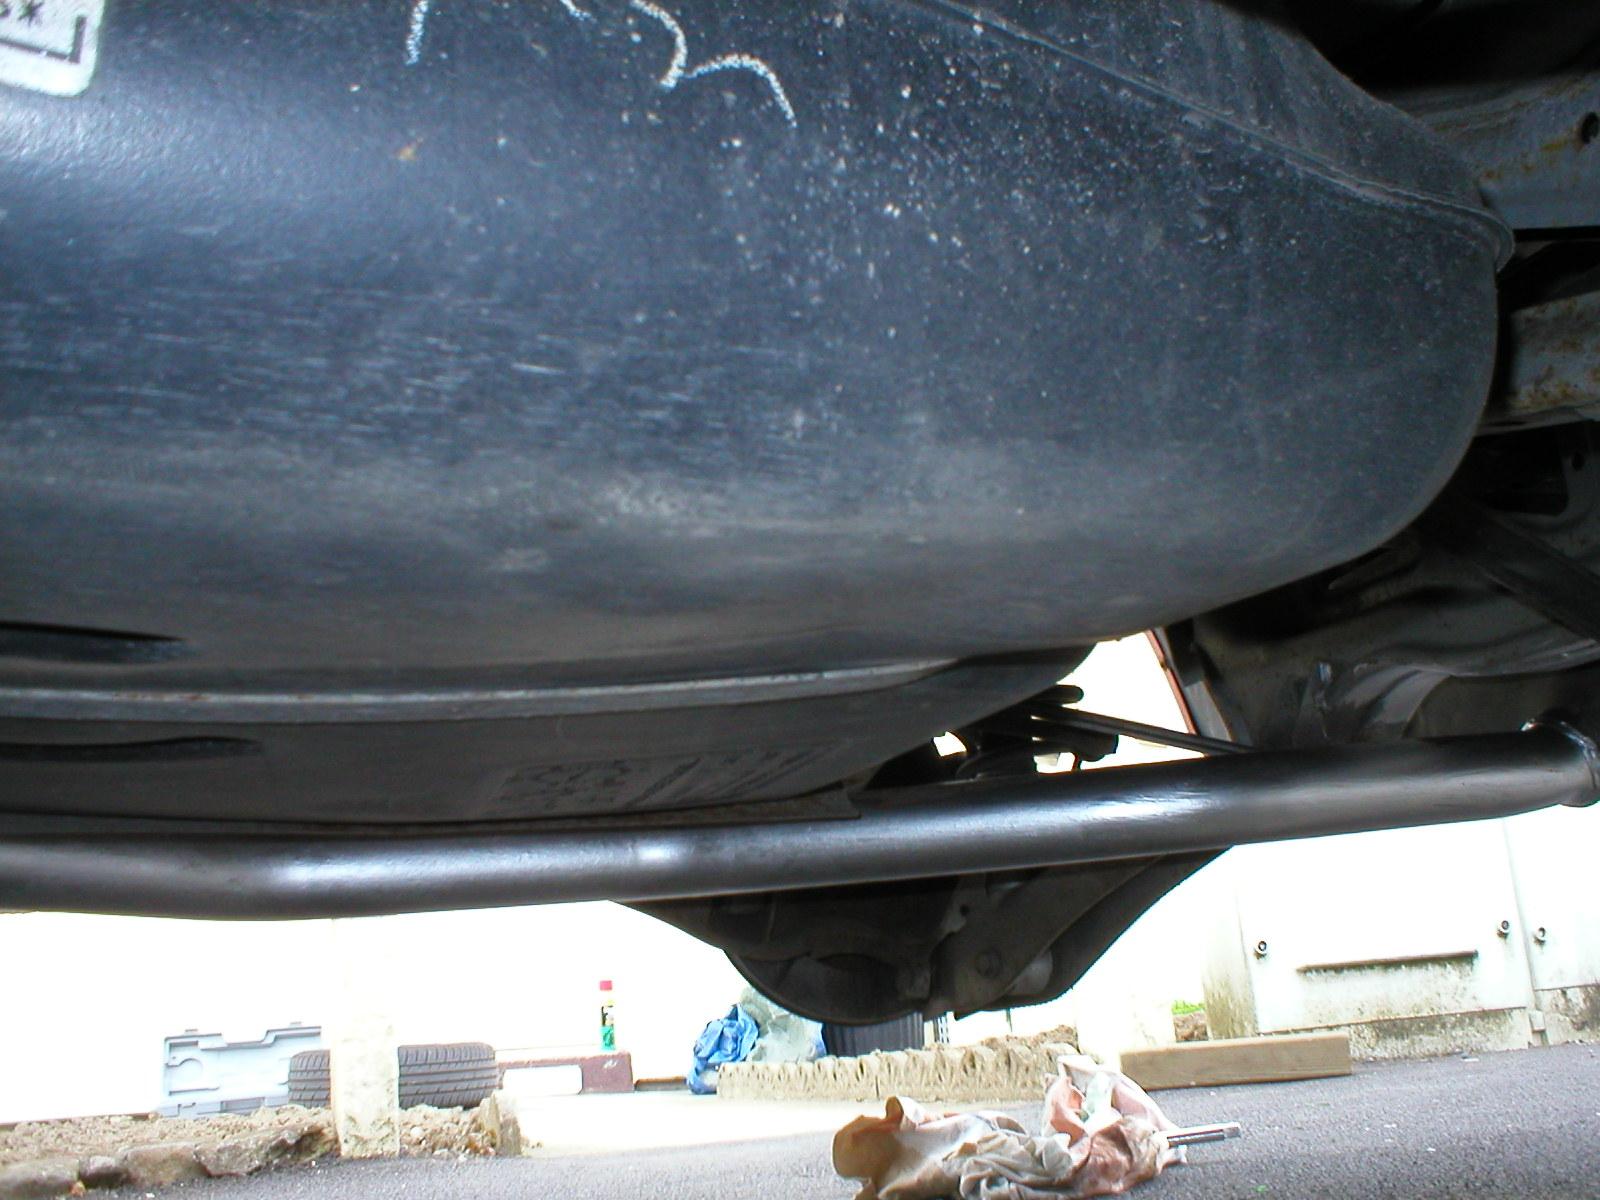 entretien caliber essence - Page 3 962724P1010164